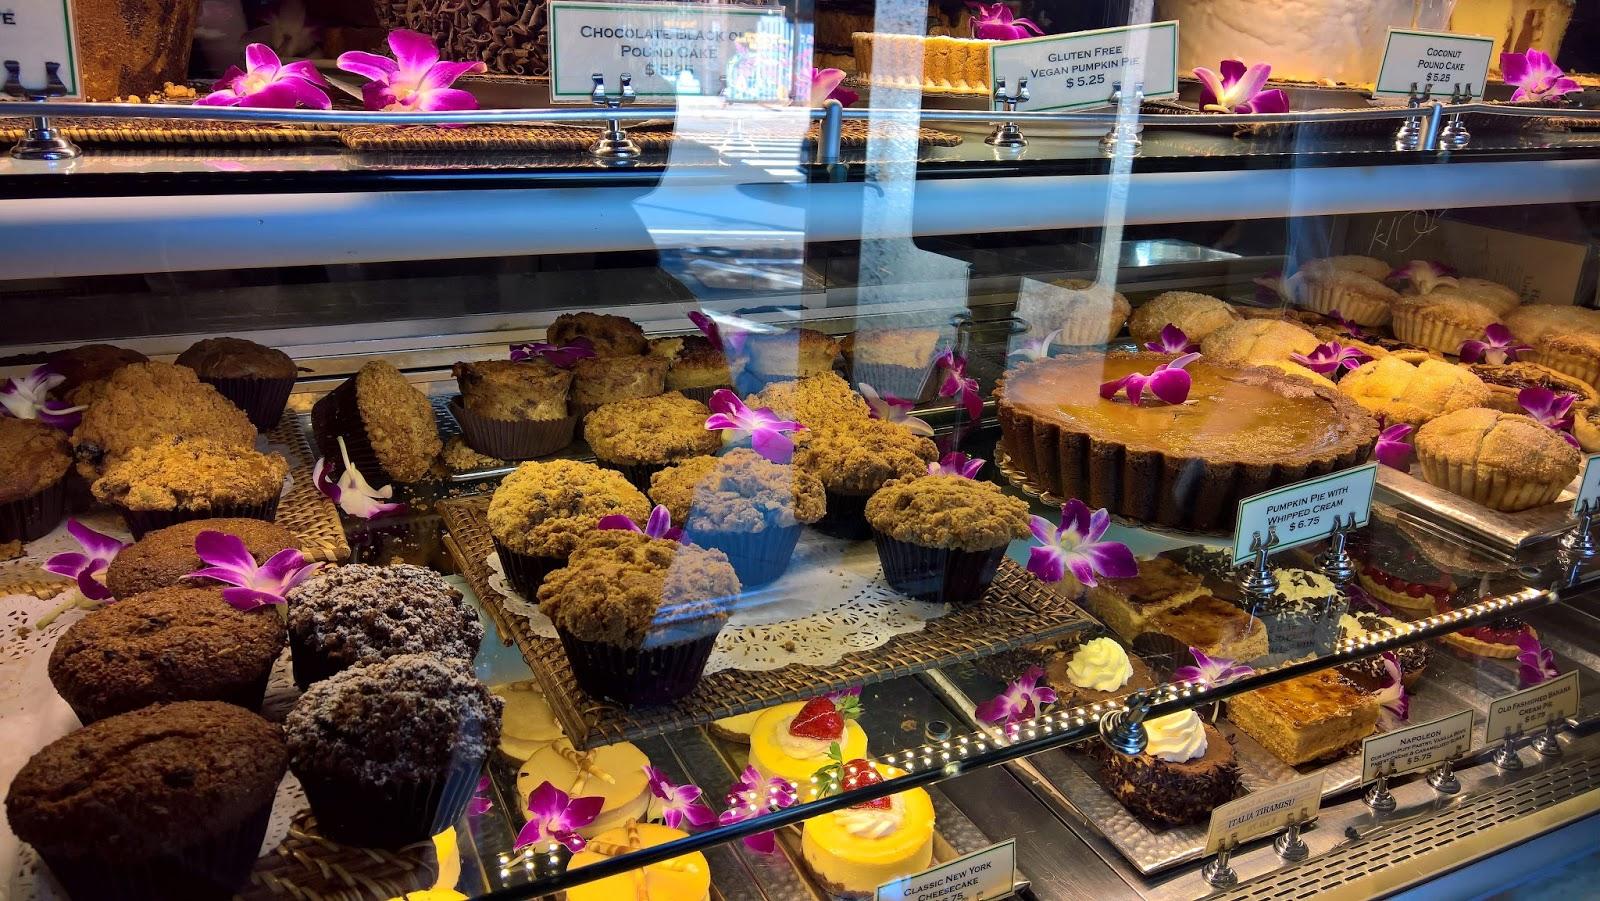 Santa Monica Los Angeles Urth Caffe kahvila vinkki Mallaspulla matkakertomus